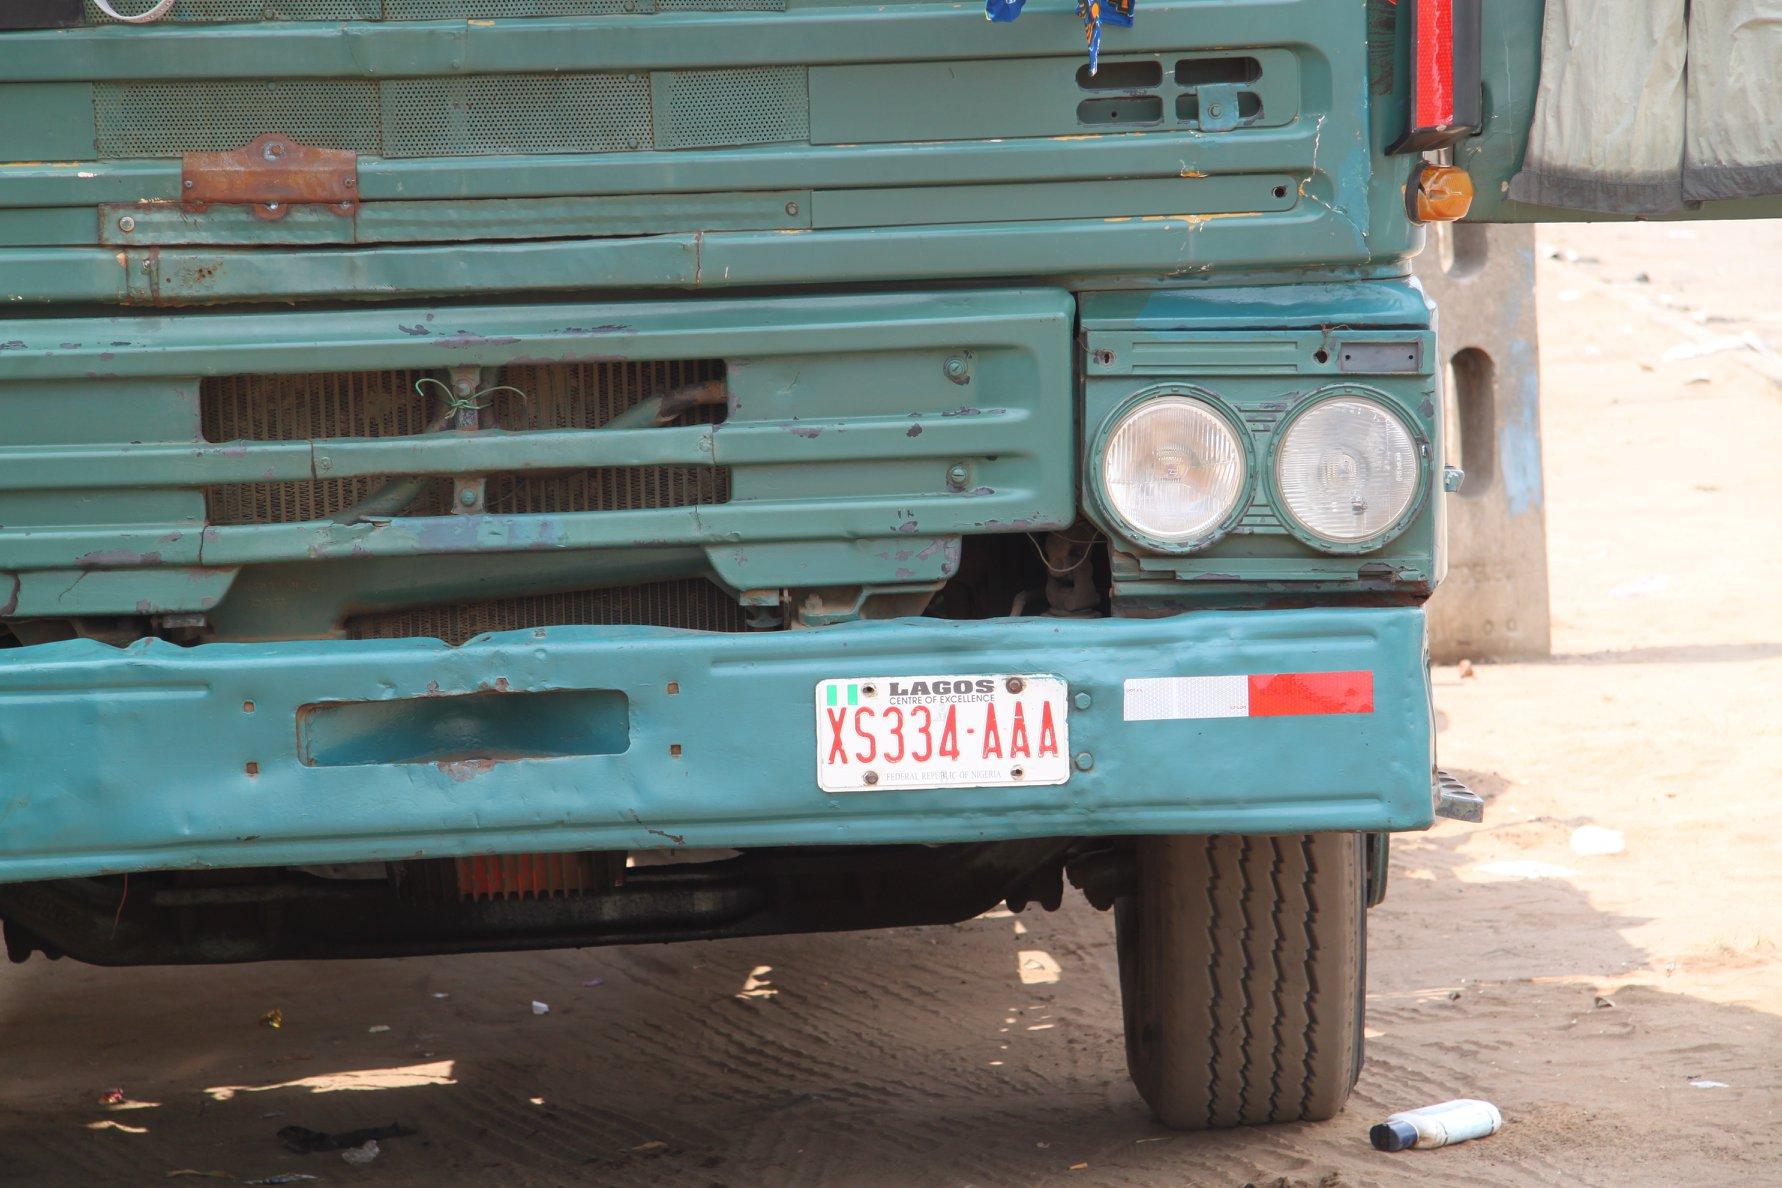 2010-Wachten-op-een-retour-vracht-in-de-haven-van-Cotonou--Trekker-uit-Lagos-Nigeria-chauffeur-stond-er-al-een-weekje-of-wat-3